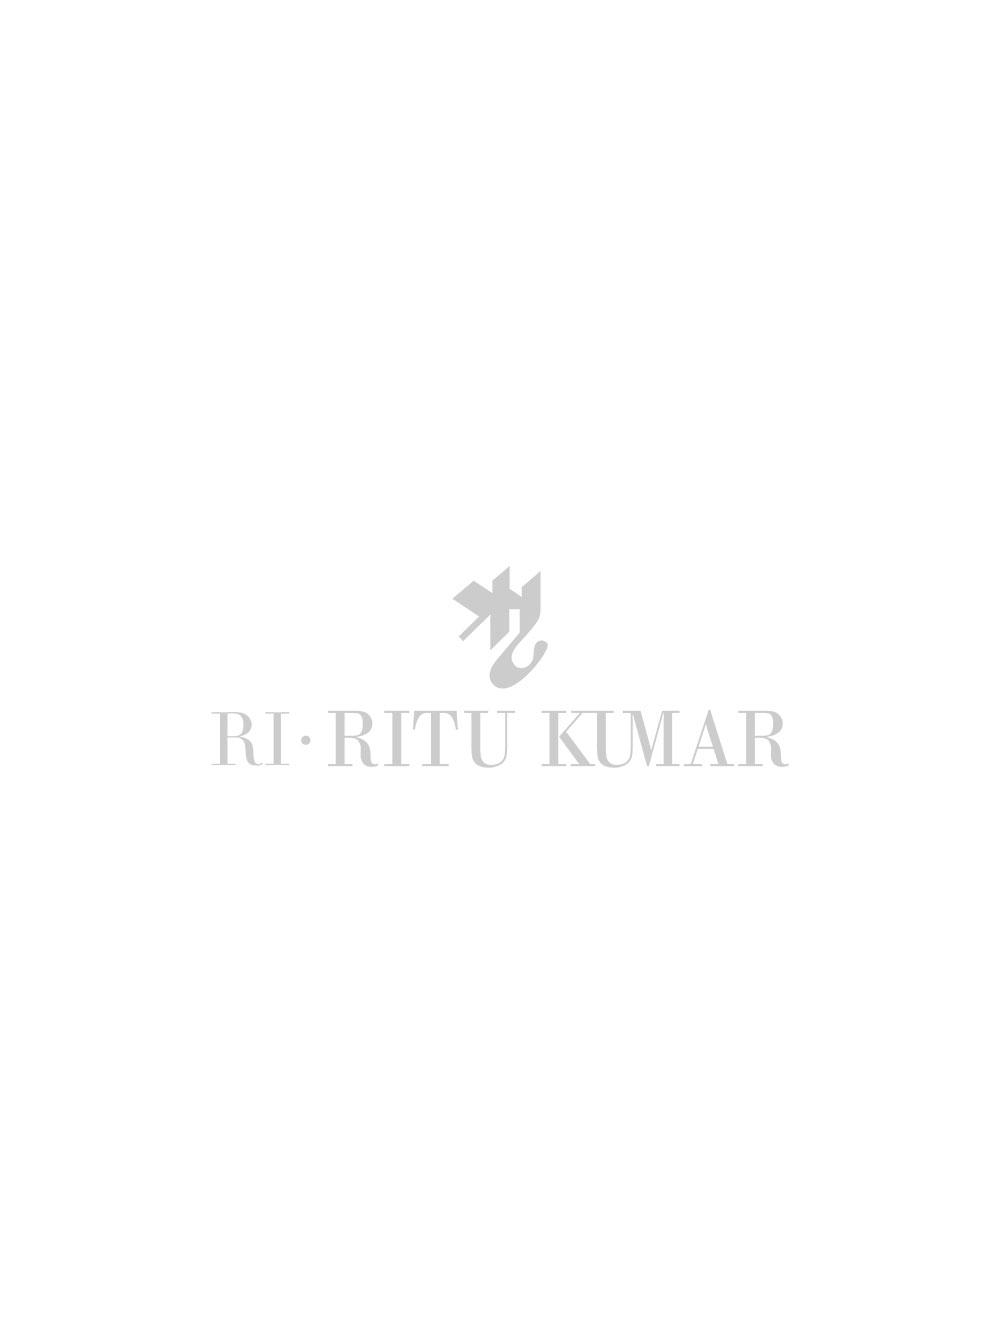 Ritu Kumar Lovely as a Summer Day